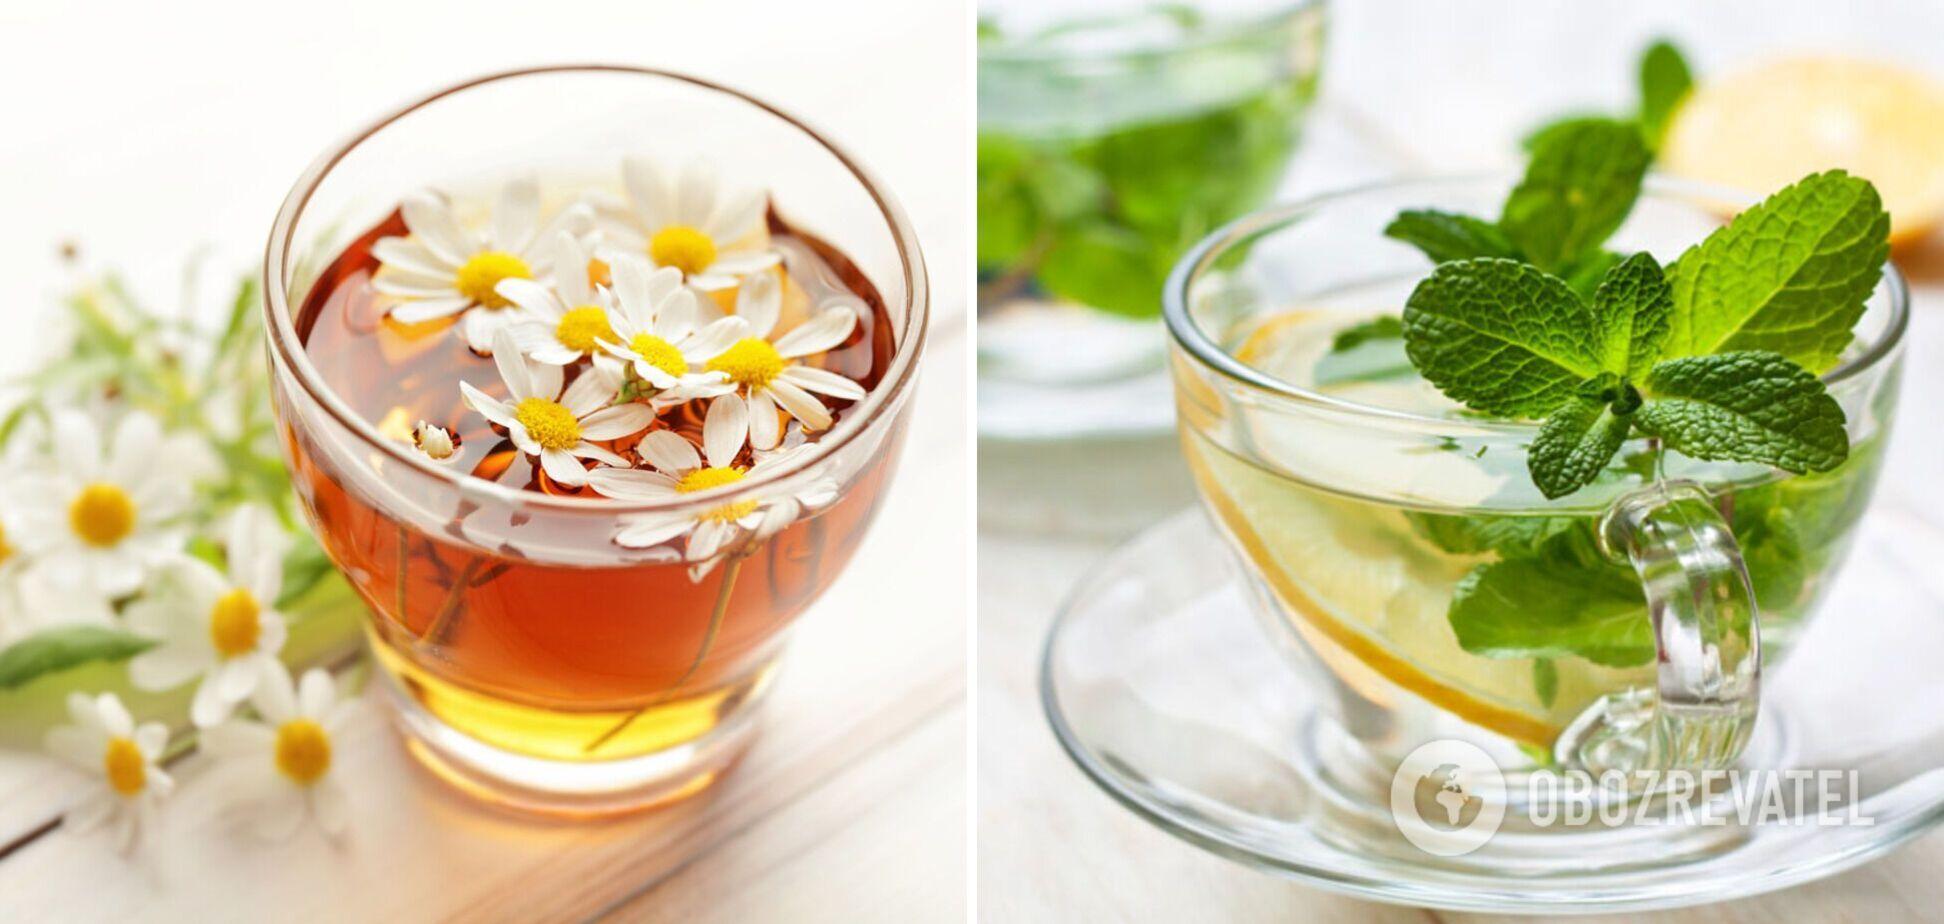 Що випити на ніч, щоб схуднути: рецепти напоїв